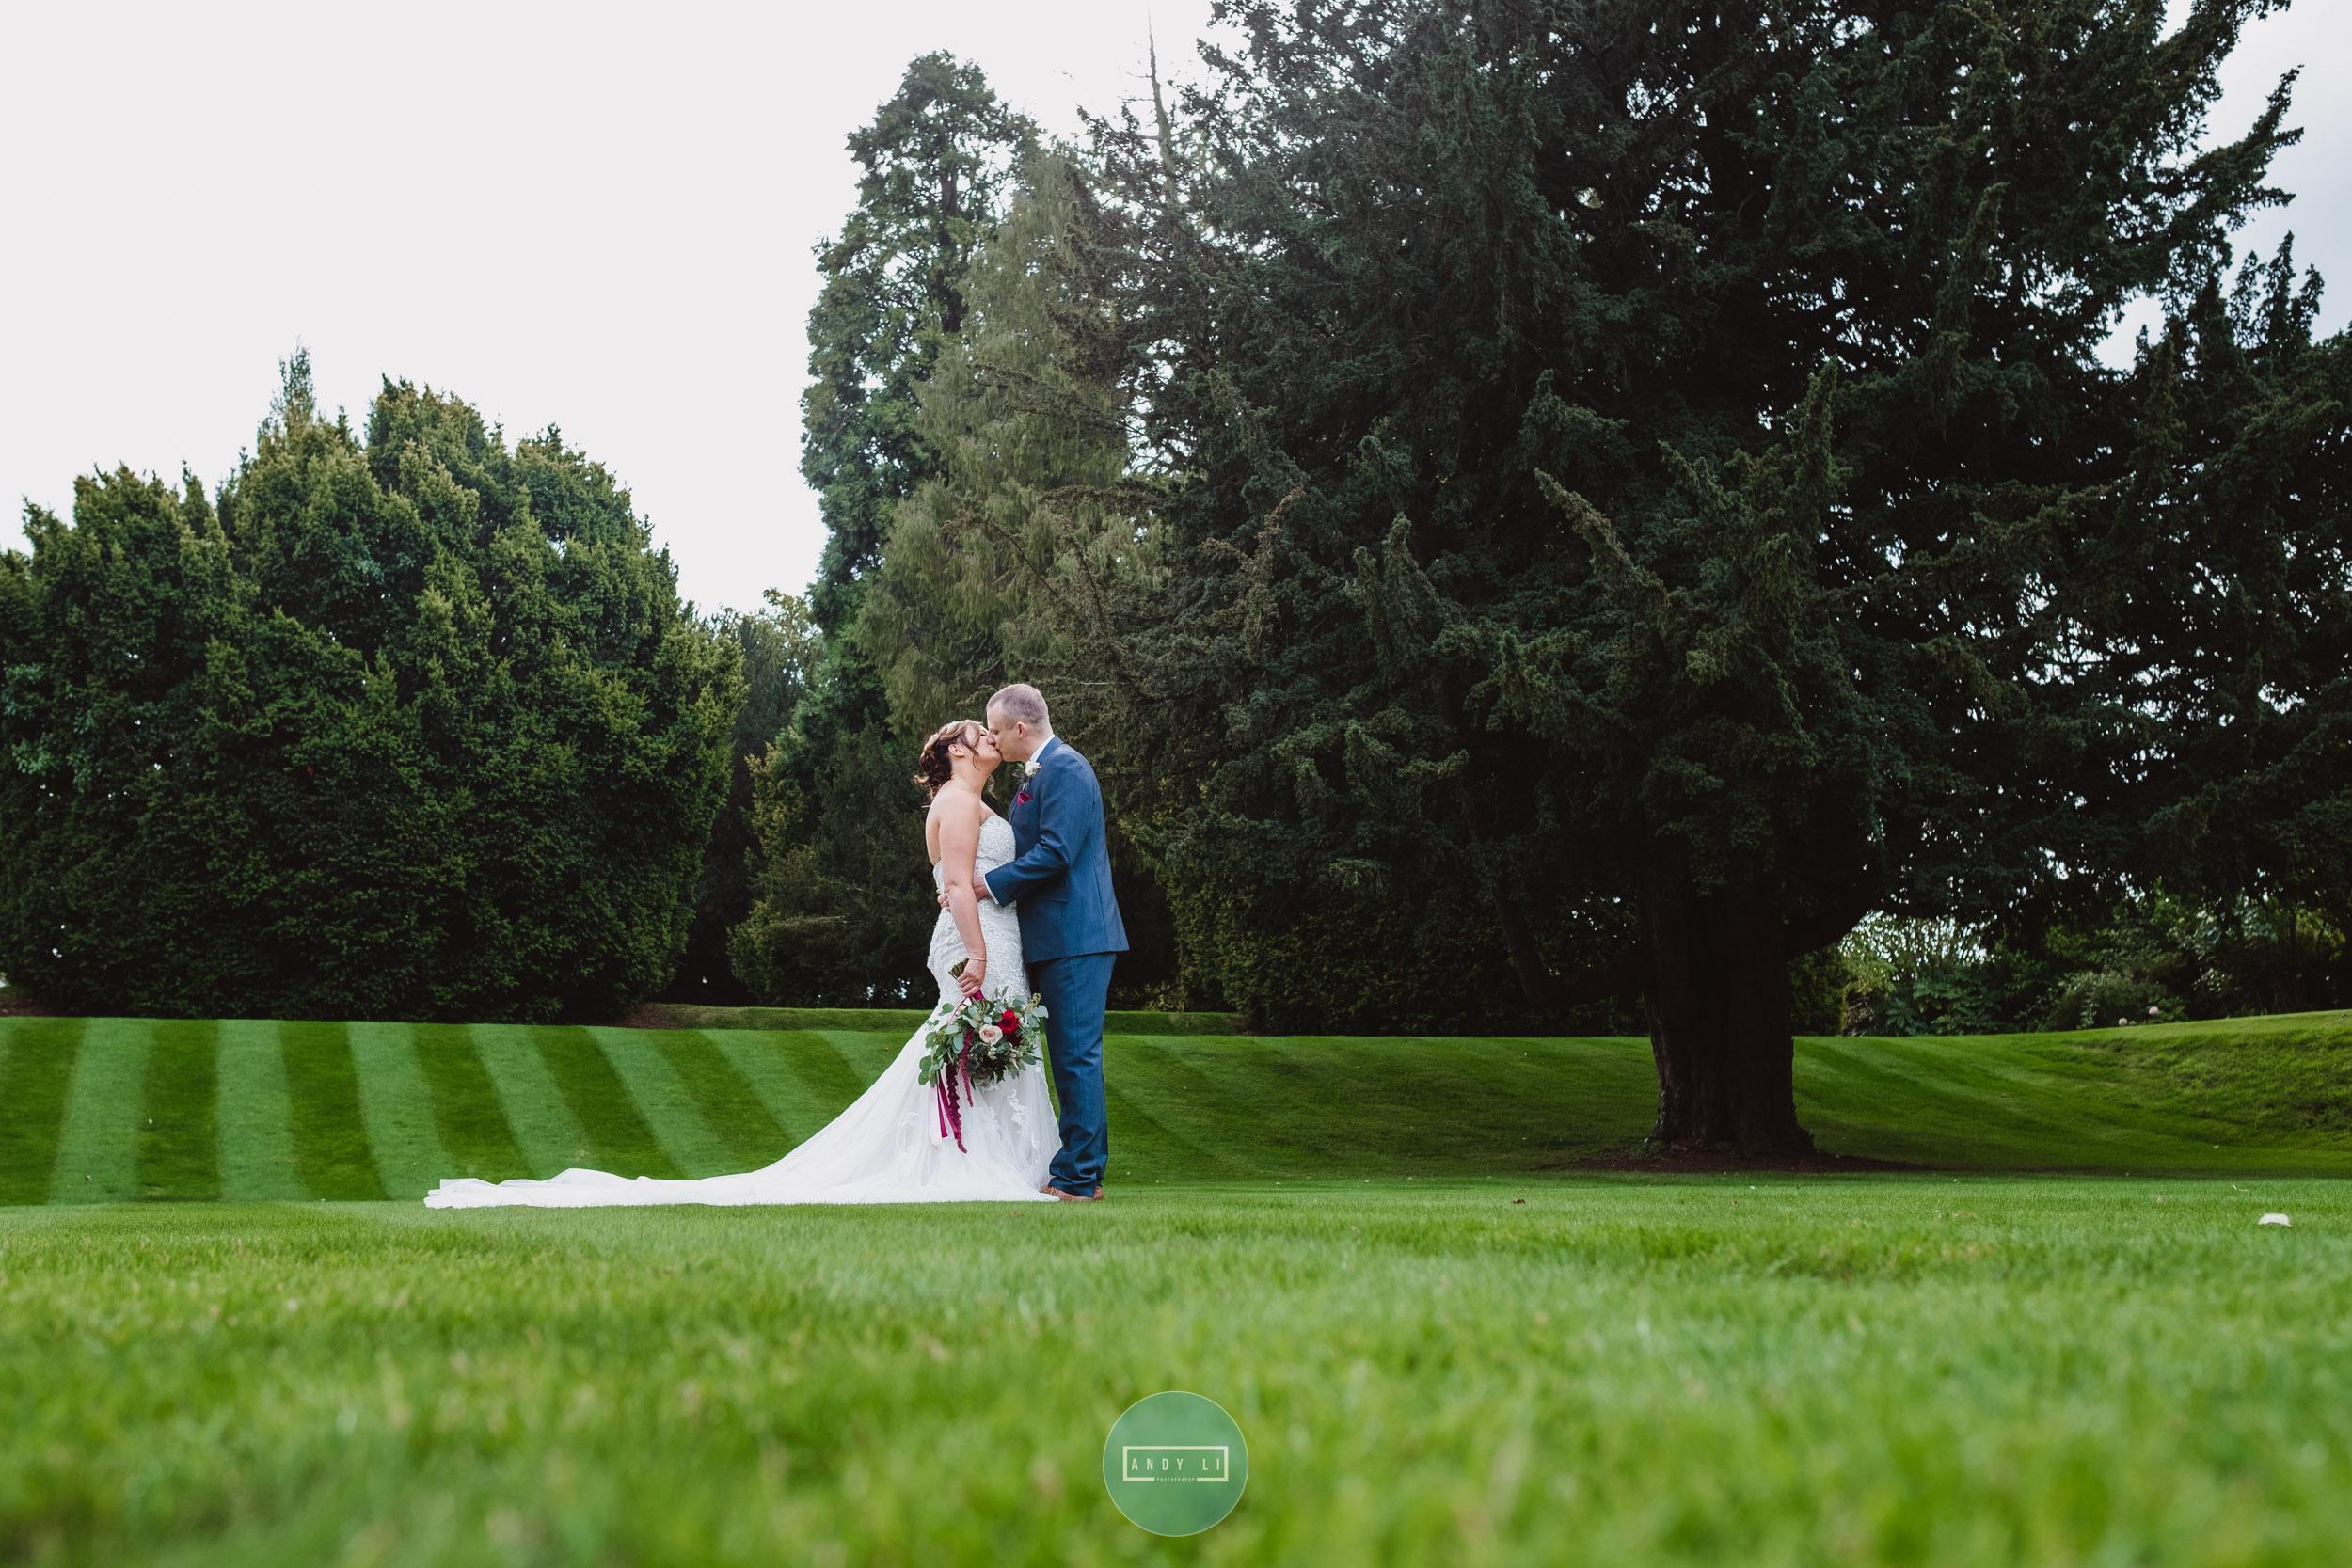 Clearwell Castle Wedding Photographer-093-AXT20554.jpg